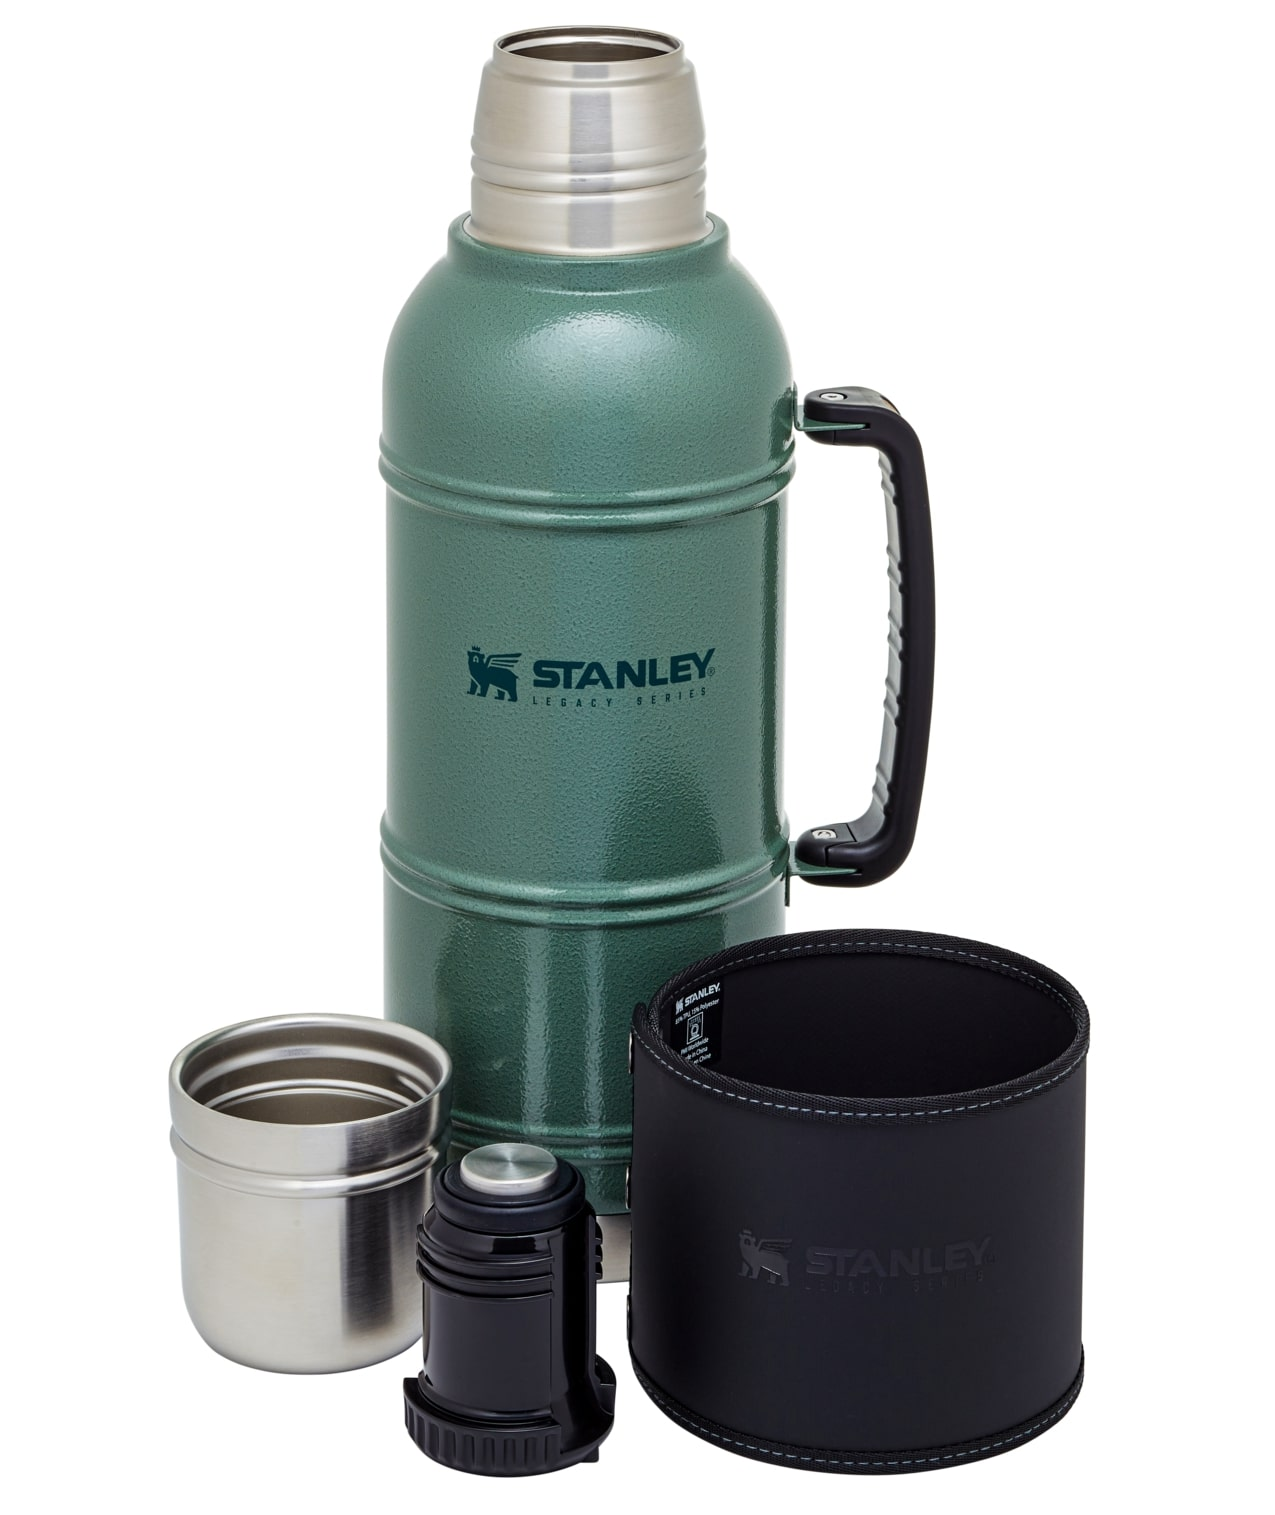 Bình Giữ Nhiệt Stanley Legacy Quadvac 1.9L – Green